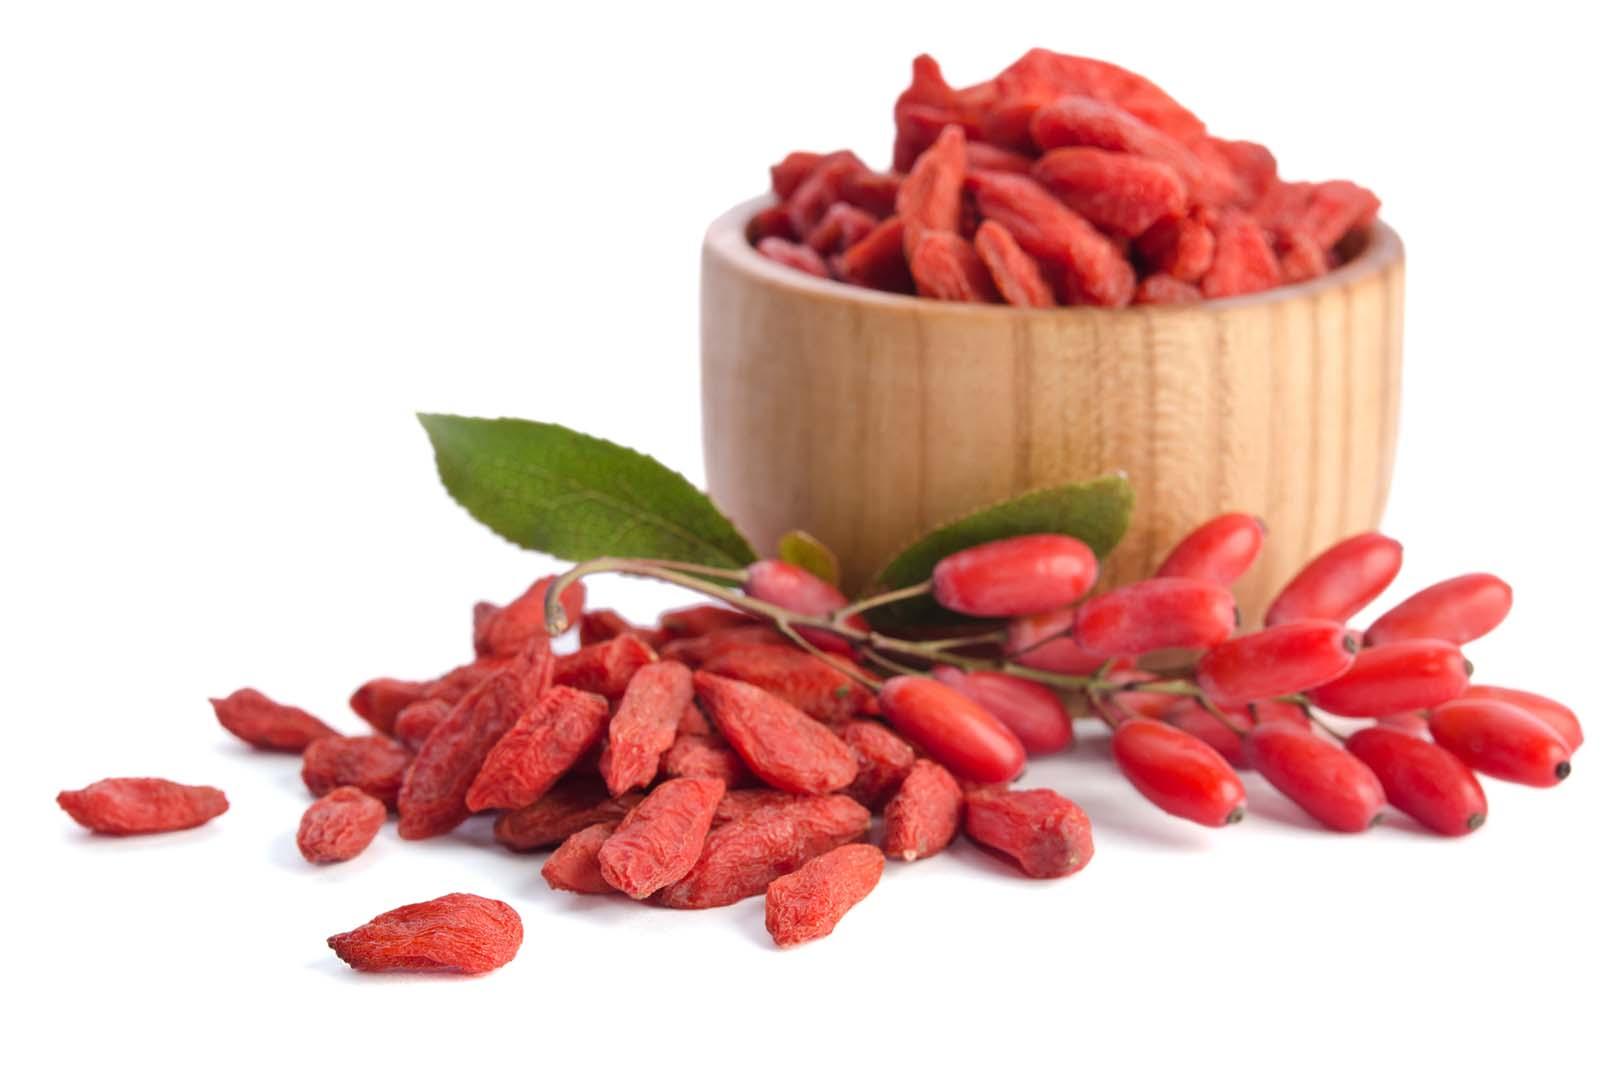 fructus lycium barbarum